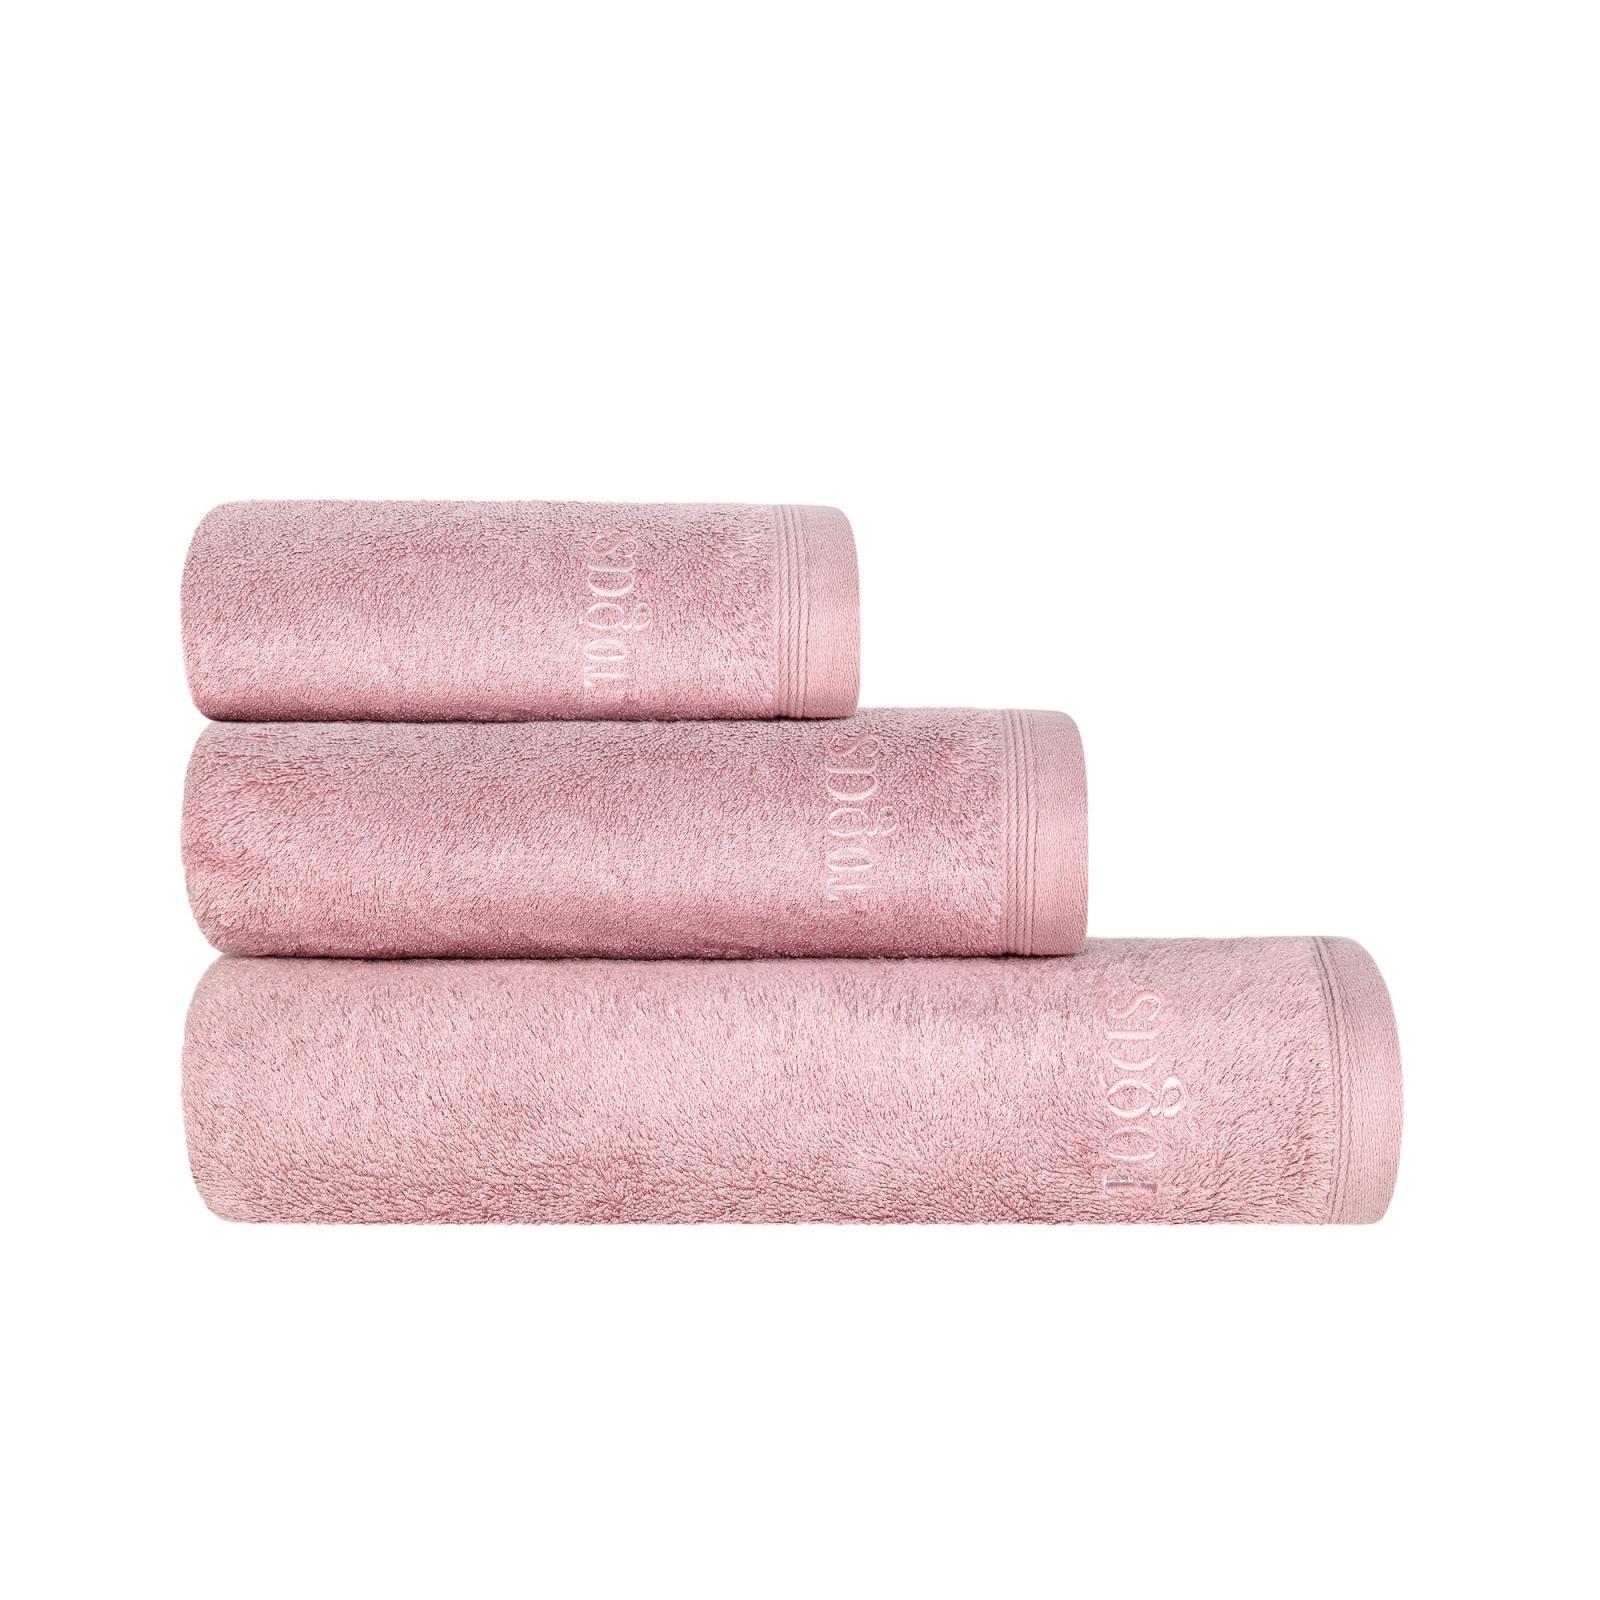 Фото - Полотенце 40х60 см Пуатье розовое Togas коврик для ванной togas дорис розовое 60x90